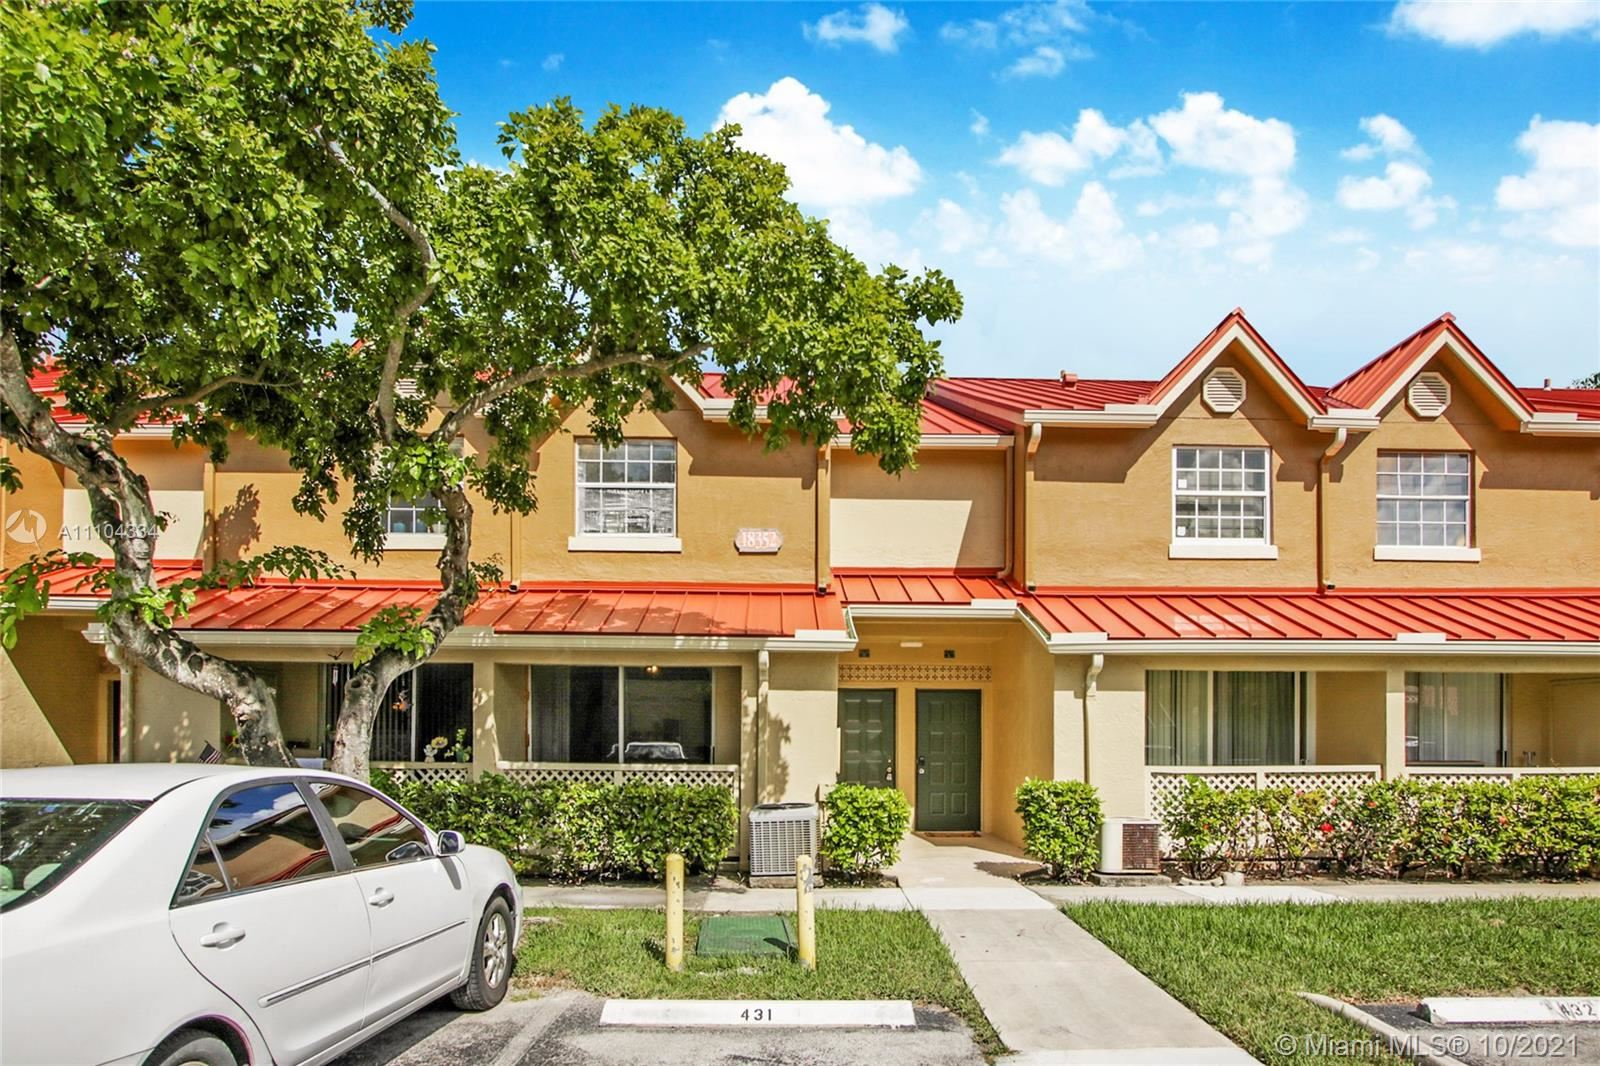 18352 NW 68th Ave #D, Hialeah, FL 33015 - #: A11104334